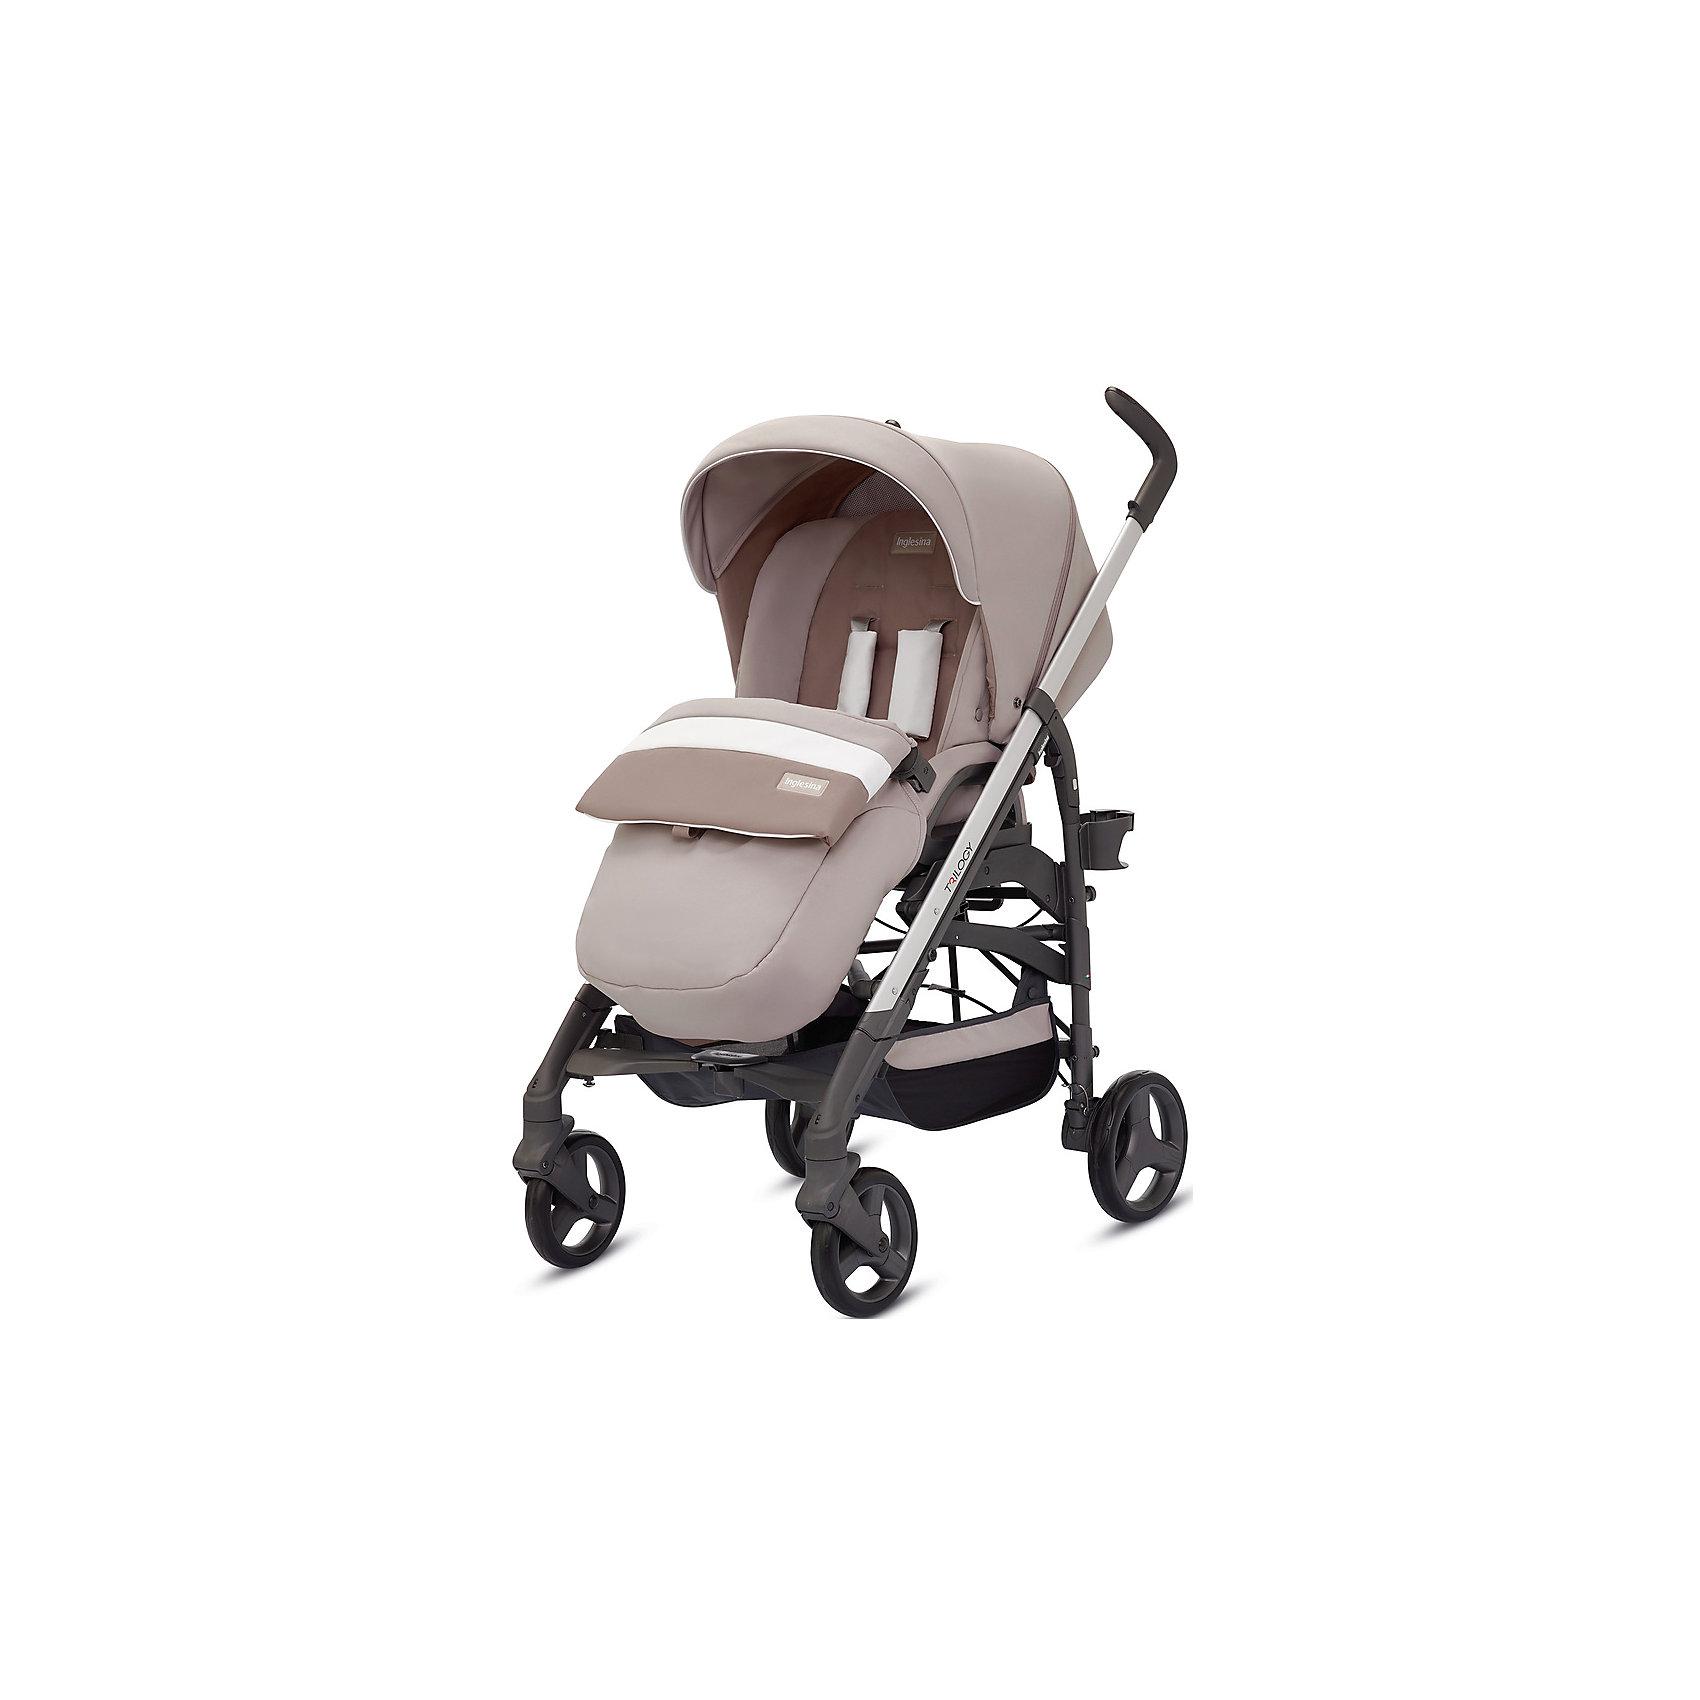 Прогулочная коляска Trilogy, Inglesina, EcruПрогулочная коляска Trilogy - прекрасный вариант для малышей и их родителей! Модель имеет прочную алюминиевую раму, систему амортизации, передние поворотные колеса, с возможностью фиксации. Модель легко складывается, имеет ножной тормоз и небольшую ширину шасси, благодаря которой коляска войдет даже в самый узкий дверной проем. С помощью системы Easy Clips, прогулочный блок одним движением руки устанавливается и снимается с шасси. Прогулочный блок переставляется лицом к маме или по направлению движения Удобное сиденье, объемный капюшон со смотровым окошком, регулируемые подножка и спинка обеспечат малышу спокойный и комфортный отдых, а пятиточечные страховочные ремни с мягкими накладками и съемный бампер гарантируют безопасность. Чехол прогулочного блока выполнен из прочных материалов, он легко снимается и стирается в теплой воде. <br><br>Дополнительная информация:<br><br>- Материал: пластик, резина, текстиль, алюминий.<br>- Тип складывания: трость. <br>- Размер в разложенном виде: 83х57х107 см. <br>- Размер в сложенном виде: 48х37х97 см.<br>- Ширина шасси: 57 см.<br>- Количество колес: 4.<br>- Колеса с подшипниками. <br>- Диаметр колес: передних - 17,5 см; задних - 20,5 см.<br>- Вес: 9,5 кг.<br>- Передние колеса поворотные с возможностью фиксации. <br>- Регулируемая спинка (в 4-хположениях, до горизонтального).<br>- Регулируемая подножка (в 2-х положениях).<br>- 5-титочечные ремни безопасности.<br>- Съемный бампер.<br>- Капюшон со смотровым окошком. <br>- Регулируемая по высоте ручка. <br>- Максимальный вес ребенка: 15 кг. <br>- Вместительная корзина для вещей. <br>- Комплектация: накидка на ножки, дождевик, подстаканник. <br><br>Прогулочную коляску Trilogy, Inglesina (Инглезина), Ecru, можно купить в нашем магазине.<br><br>Ширина мм: 1000<br>Глубина мм: 324<br>Высота мм: 415<br>Вес г: 13150<br>Возраст от месяцев: 6<br>Возраст до месяцев: 36<br>Пол: Унисекс<br>Возраст: Детский<br>SKU: 4764228